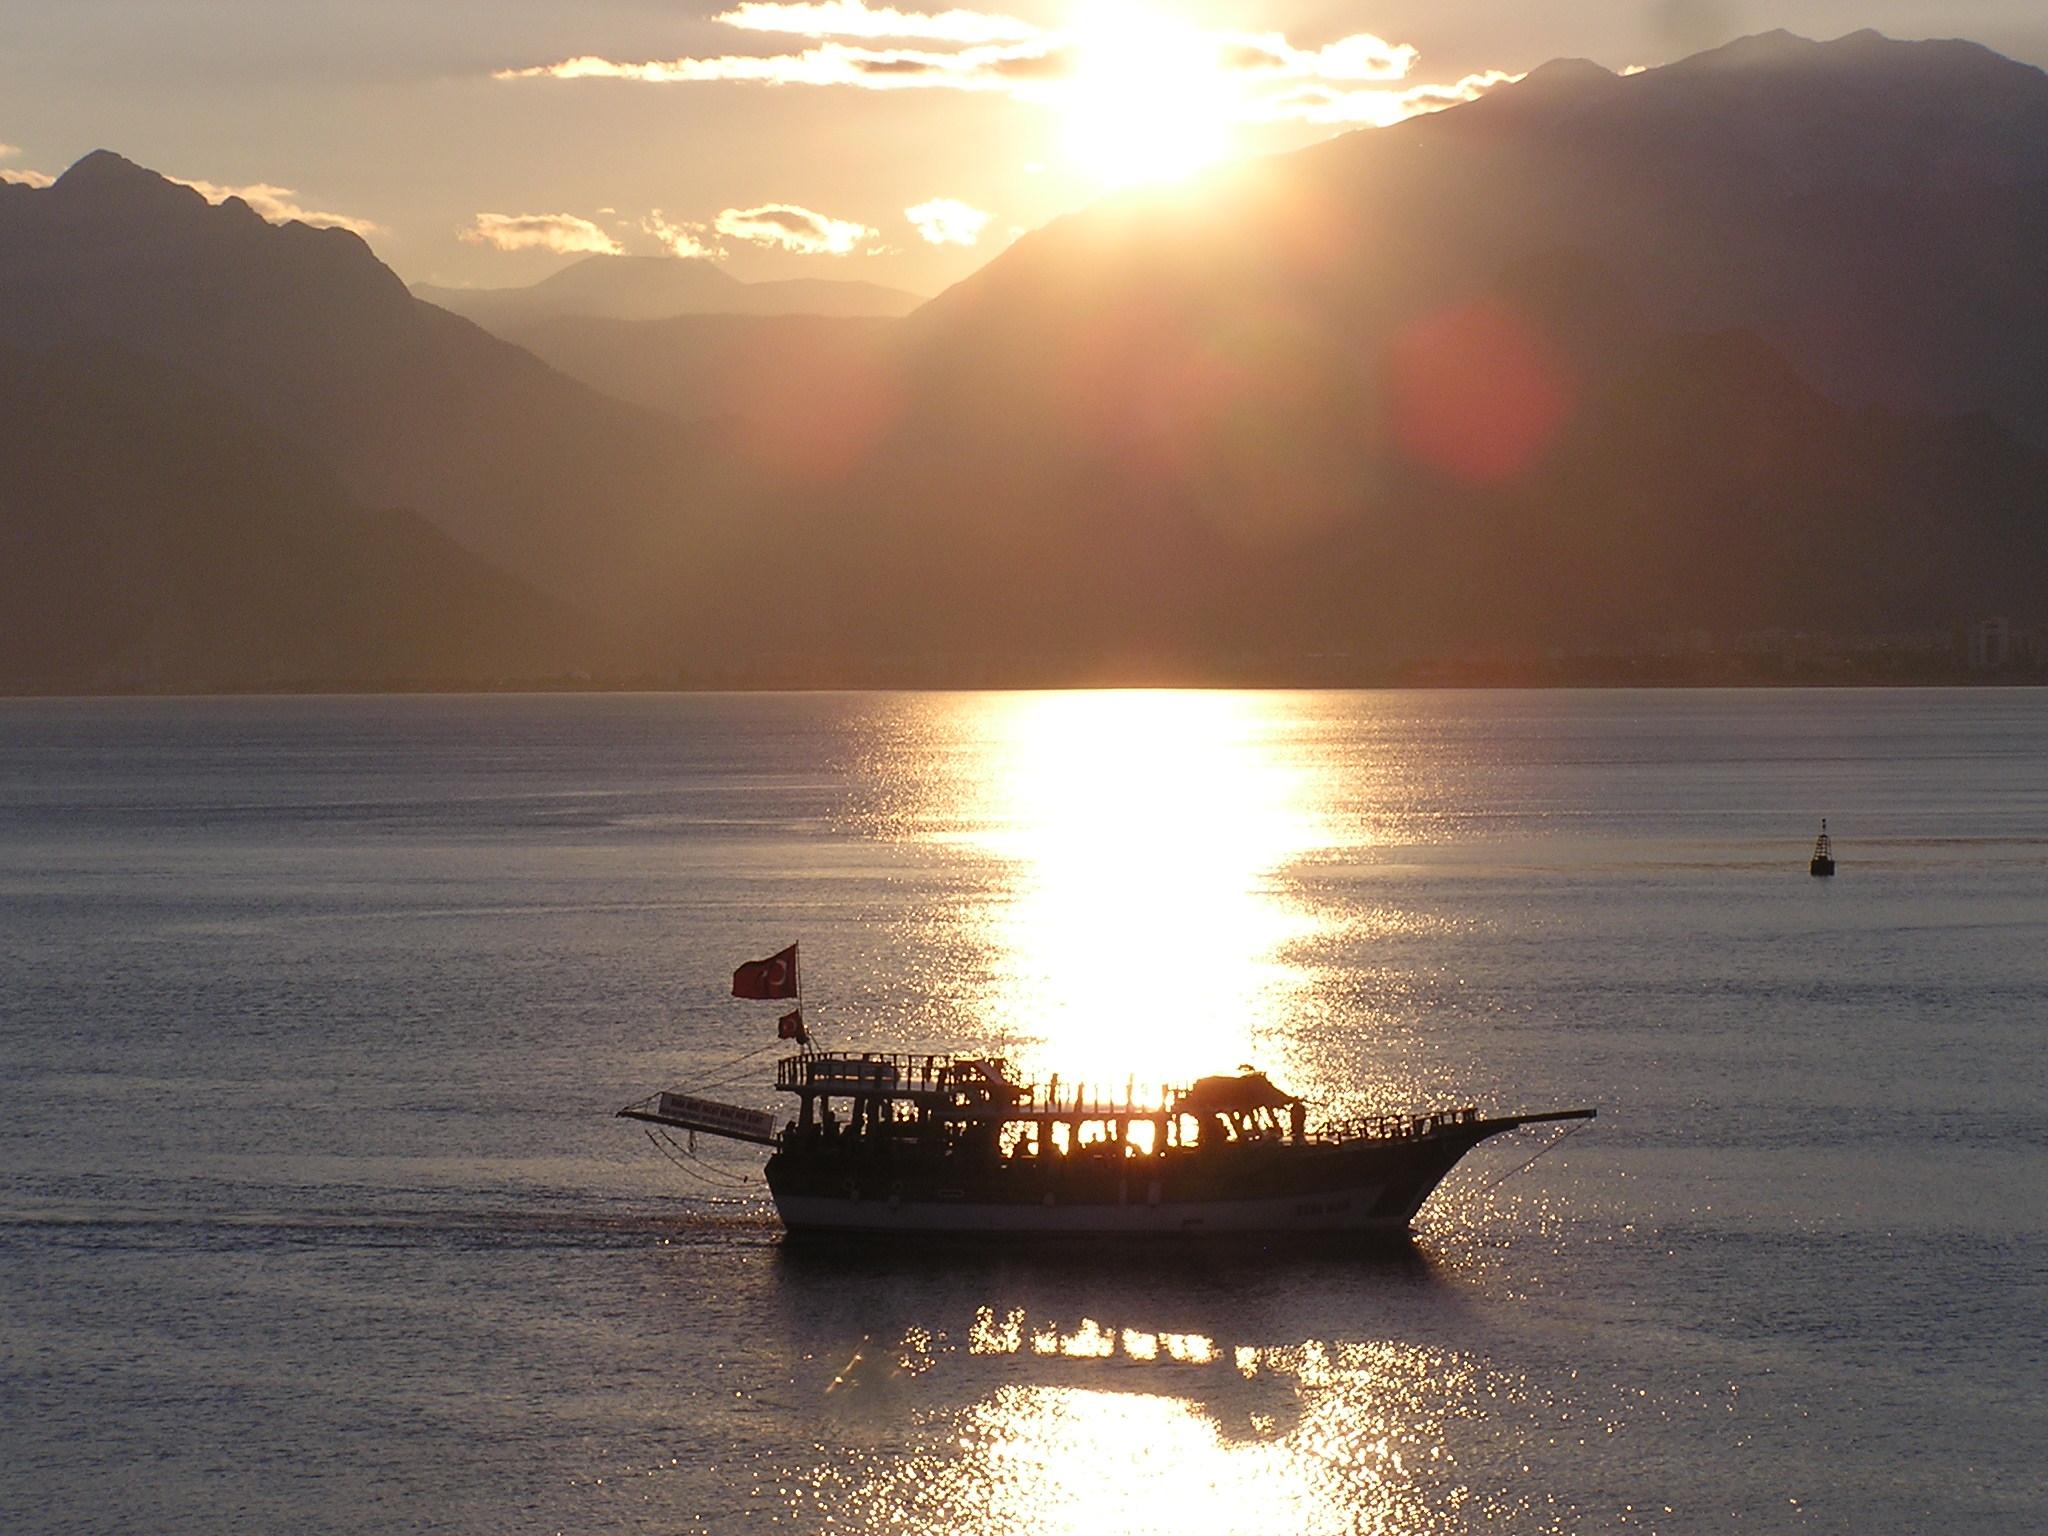 Evening boat Mediterranean copy.jpg